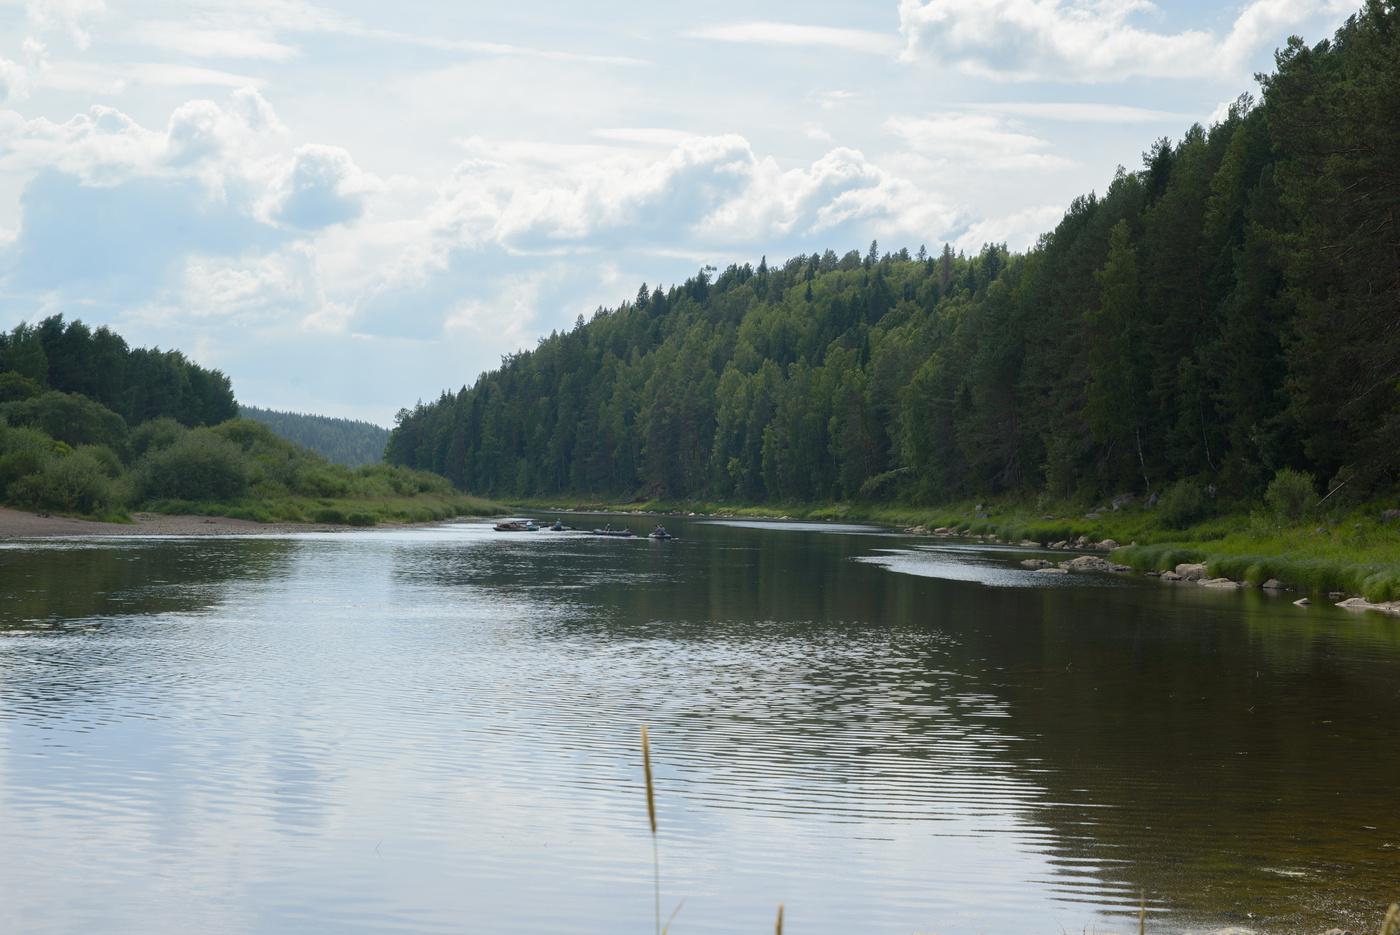 старый фото реки чусовая в деревне них среди